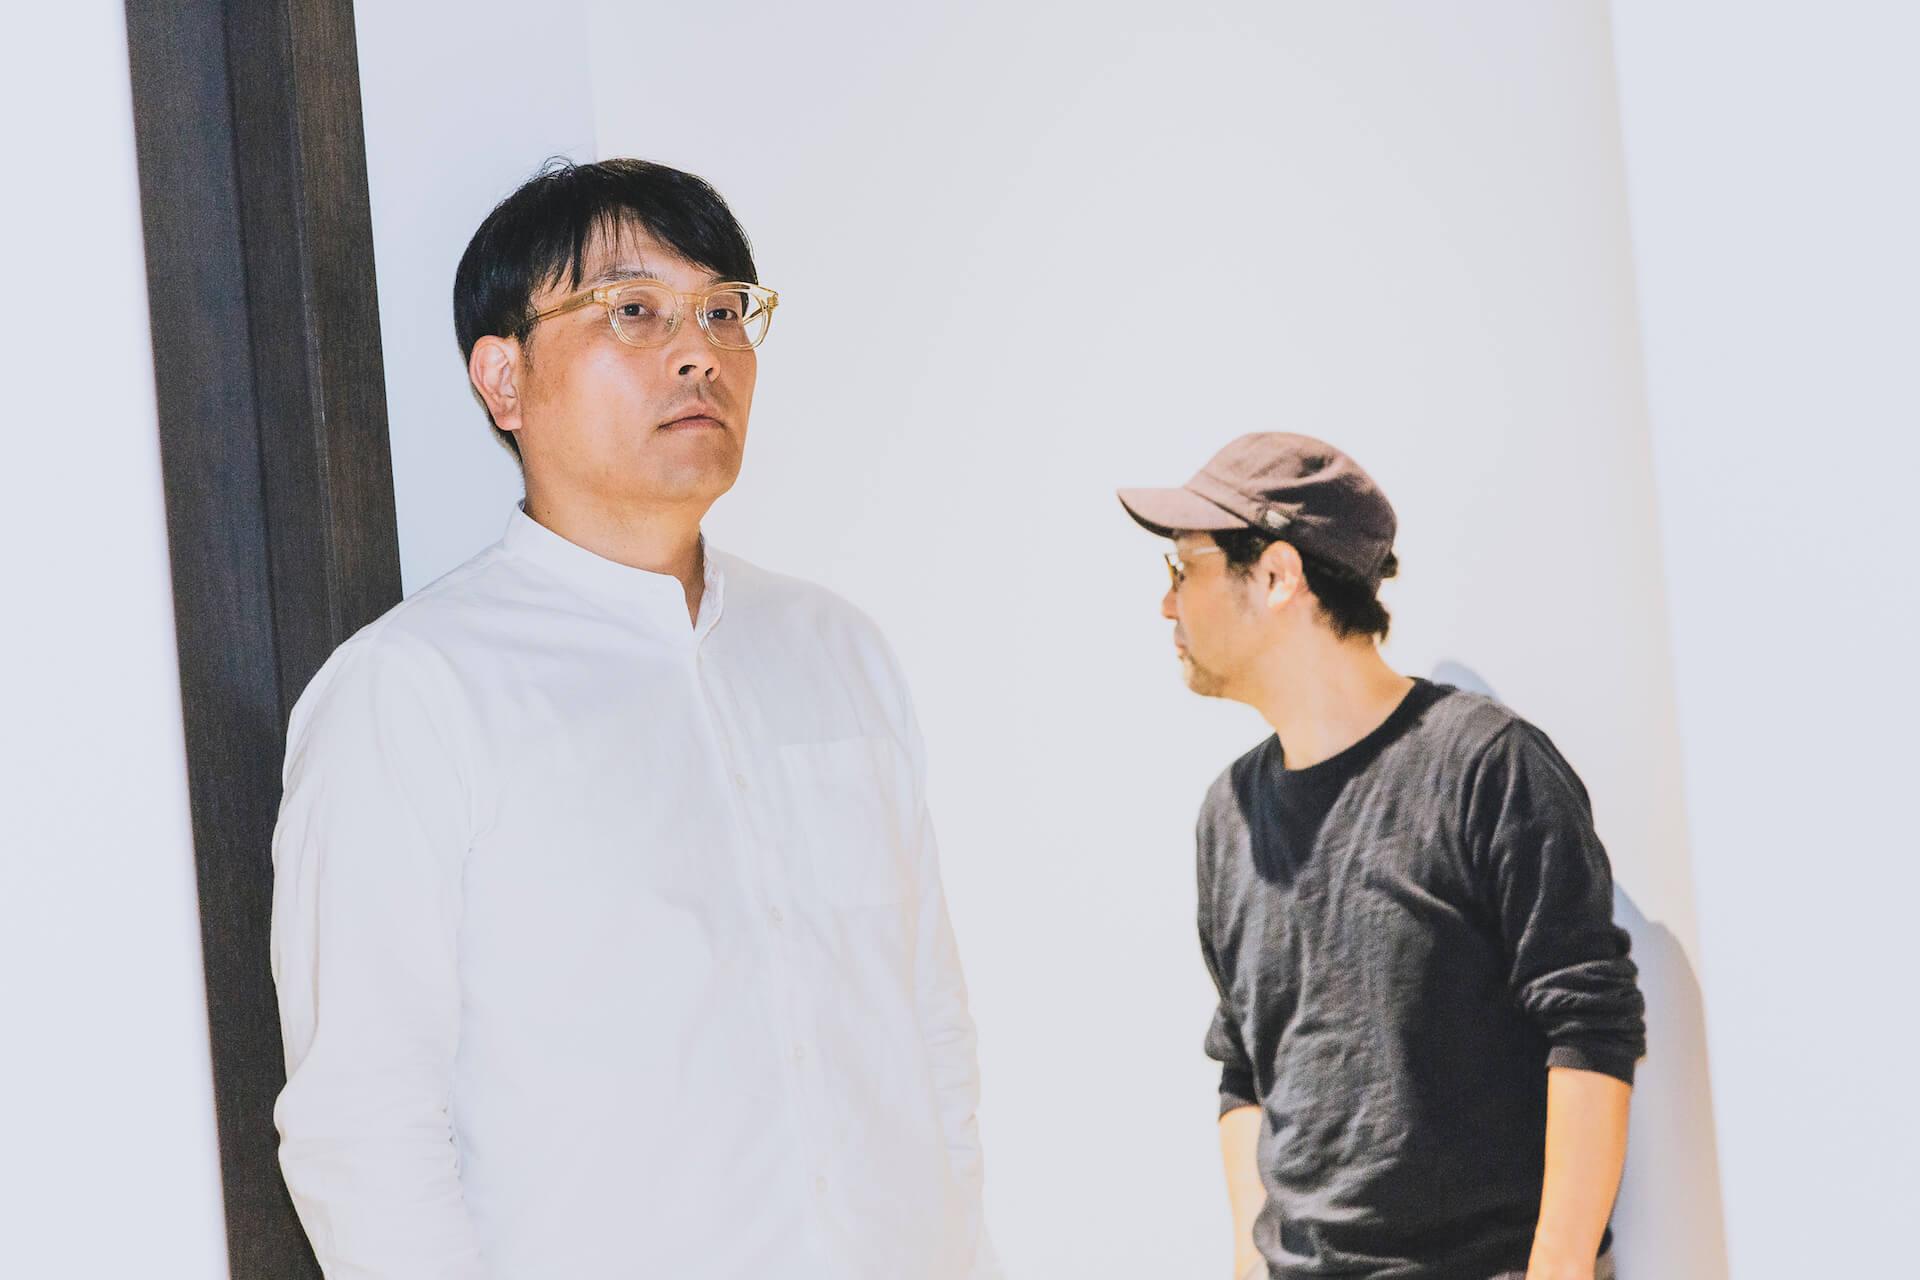 KIRINJI堀込と千ヶ崎が探る、現代に響く音とは? interview-kirinji-4